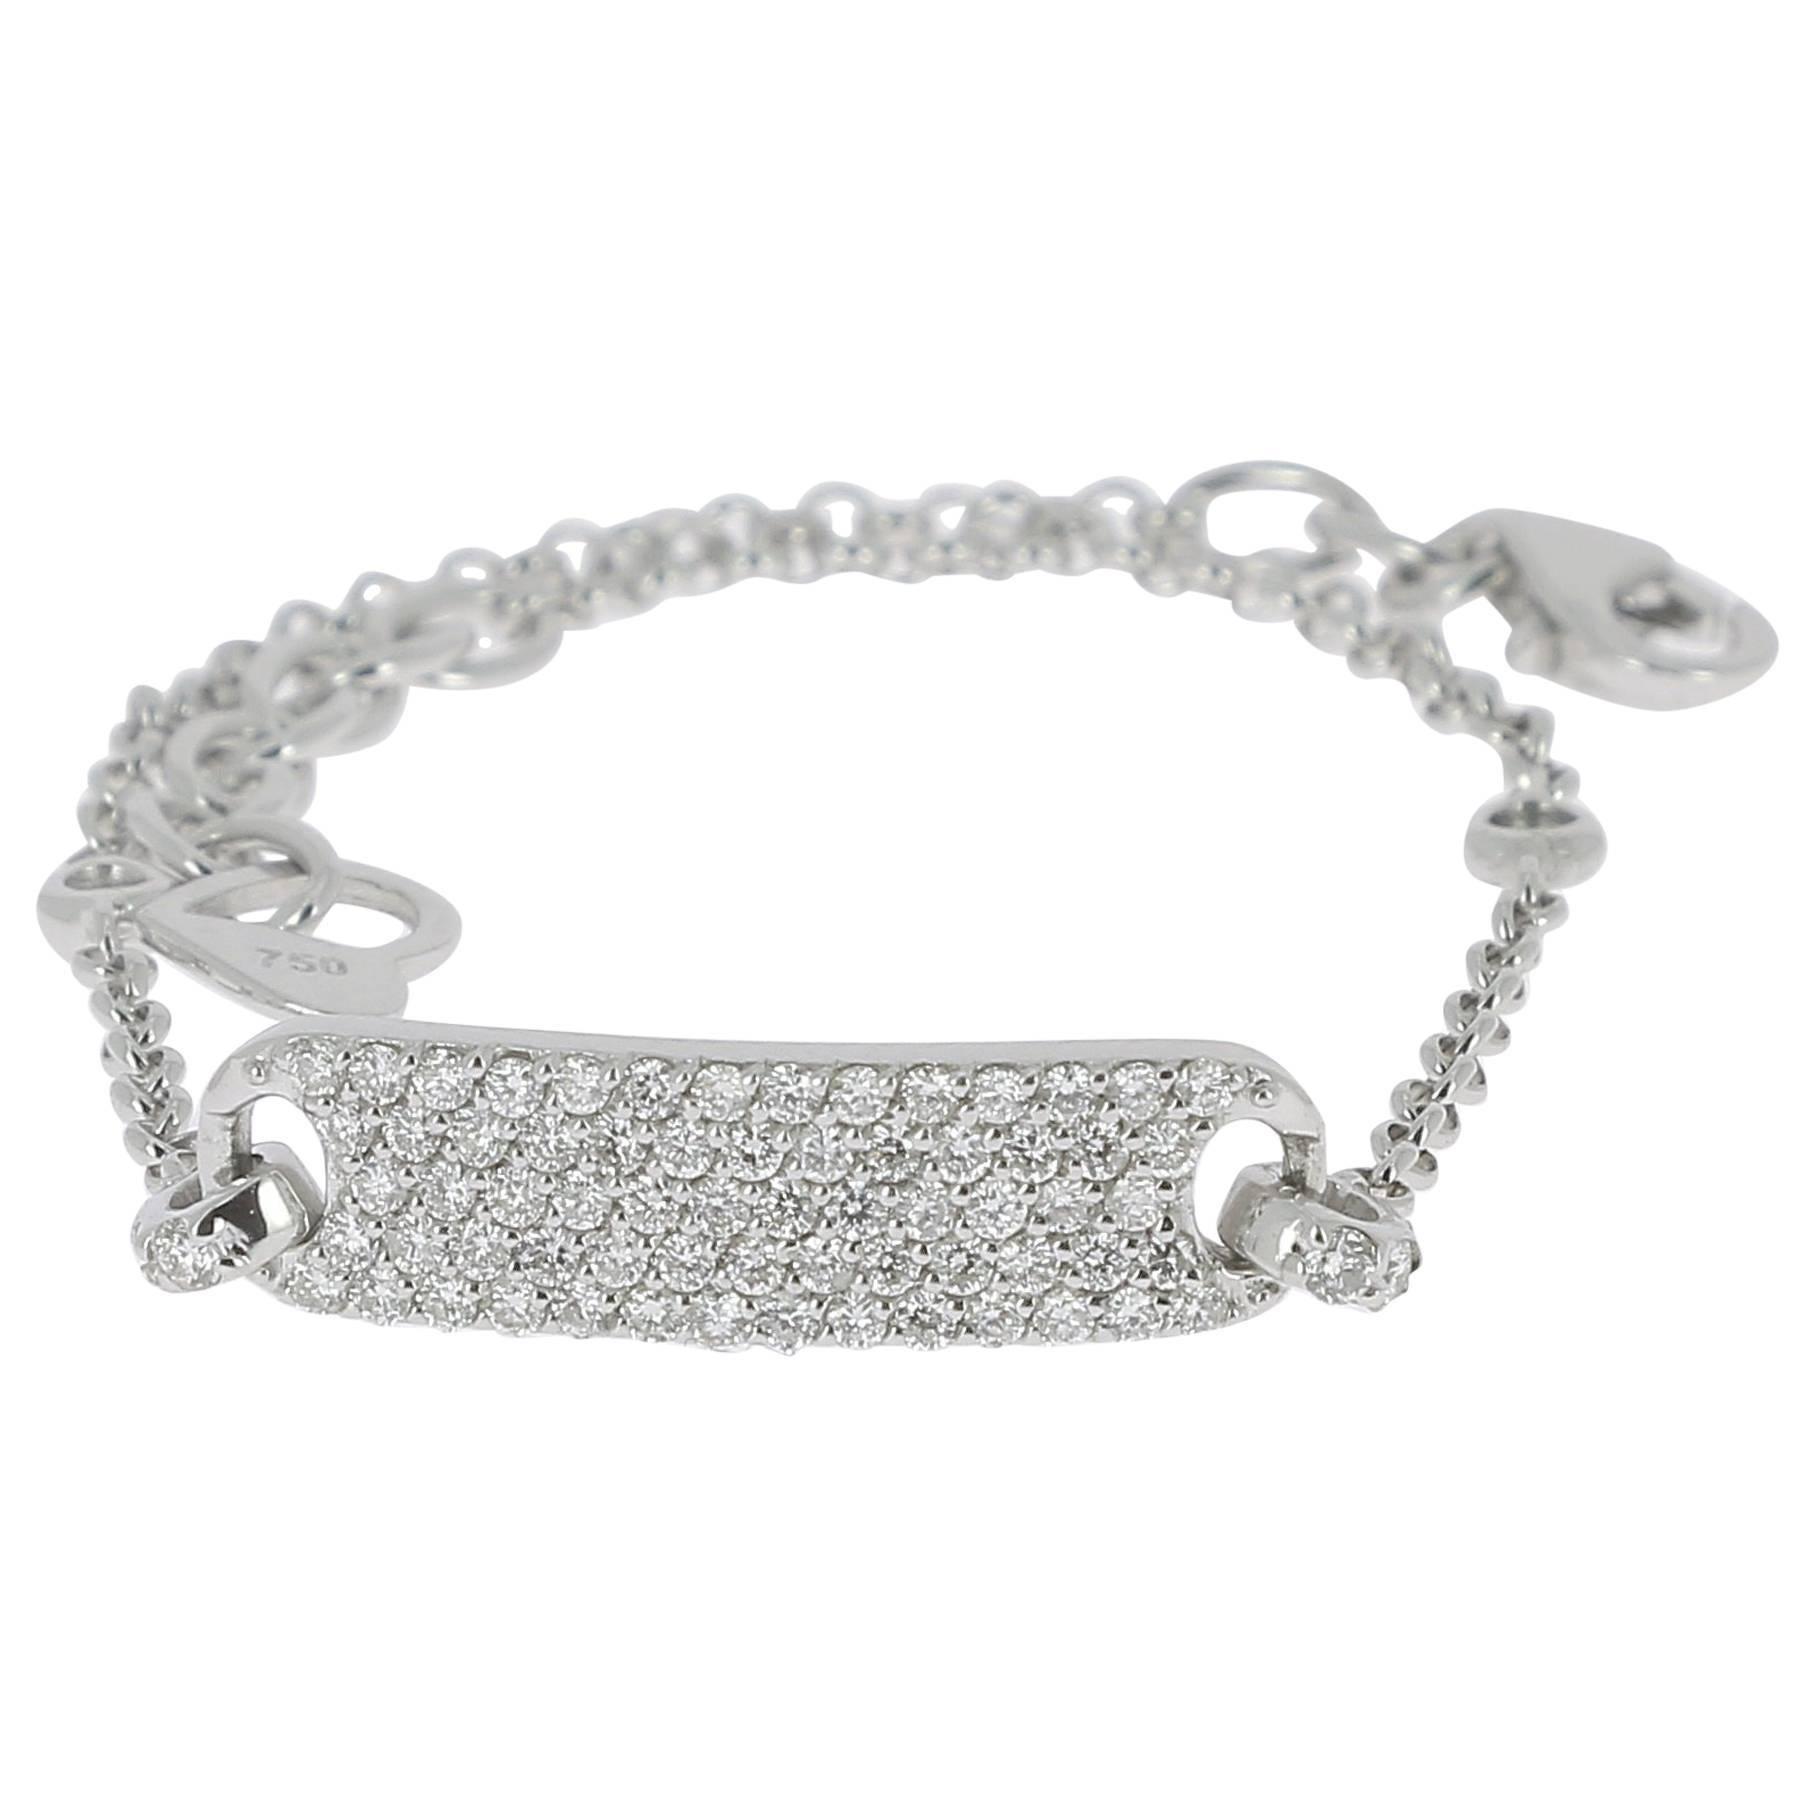 0.60 Carat GVS Round Diamonds Pave Bracelet /Chain Bracelet 18K White Gold